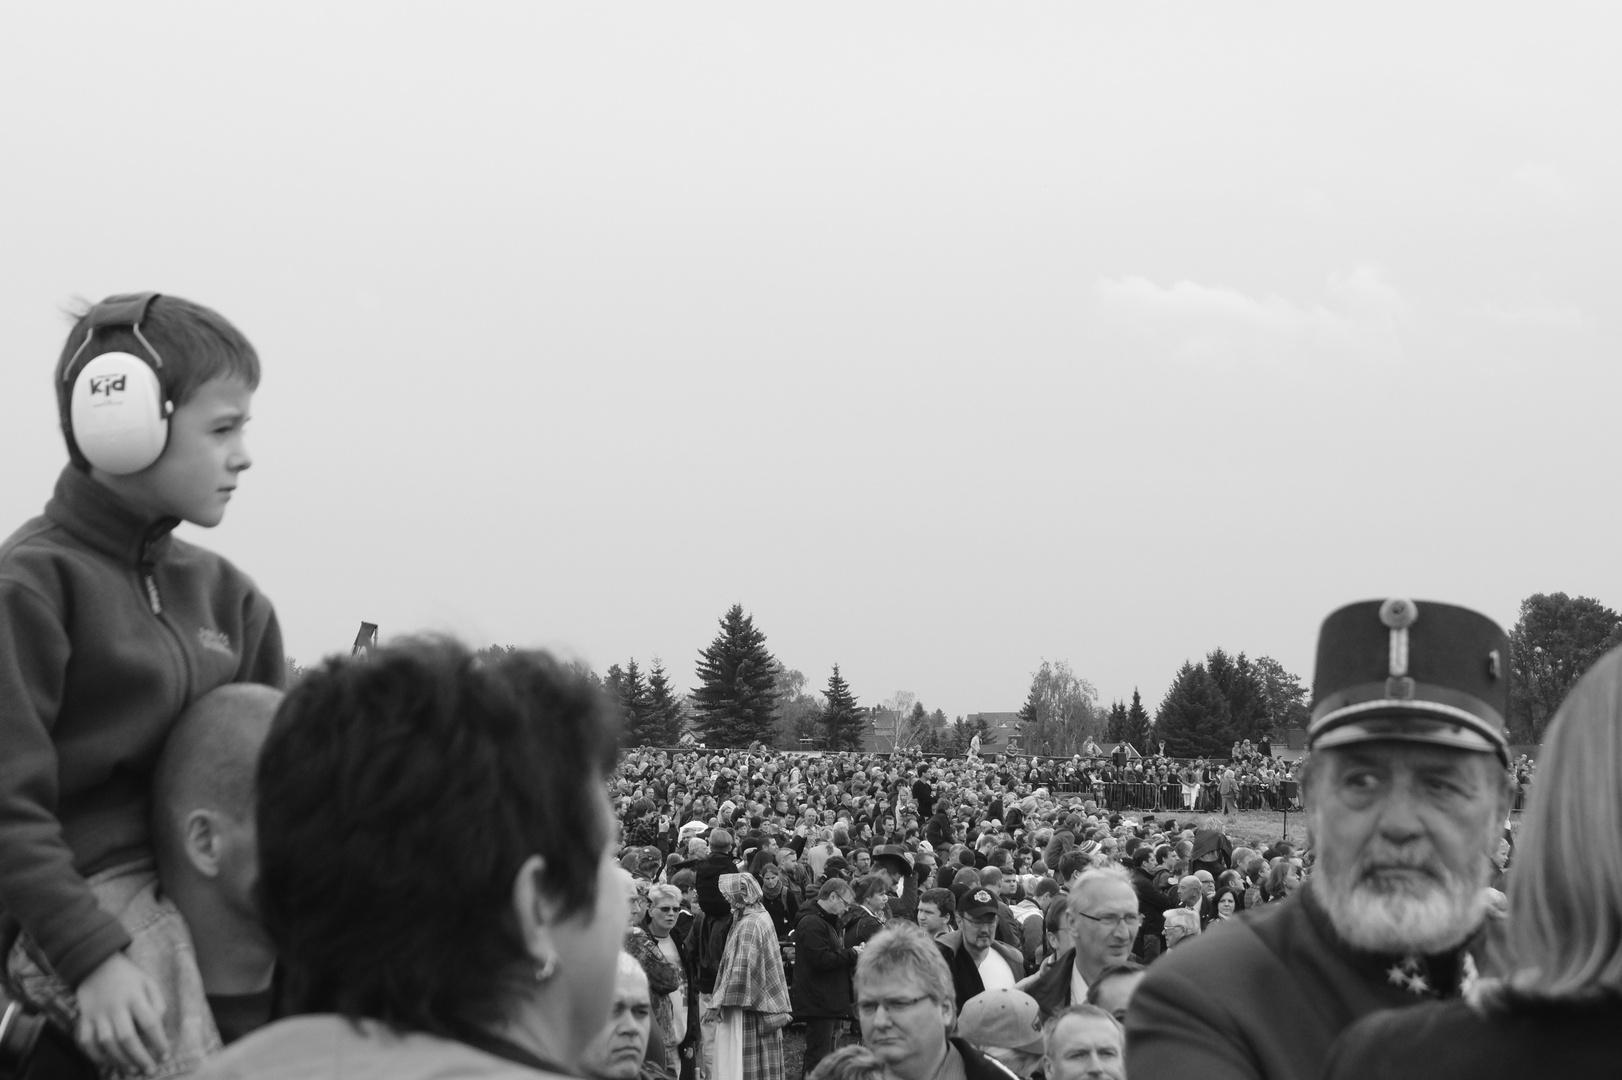 Besucher beim Gefechtskampf